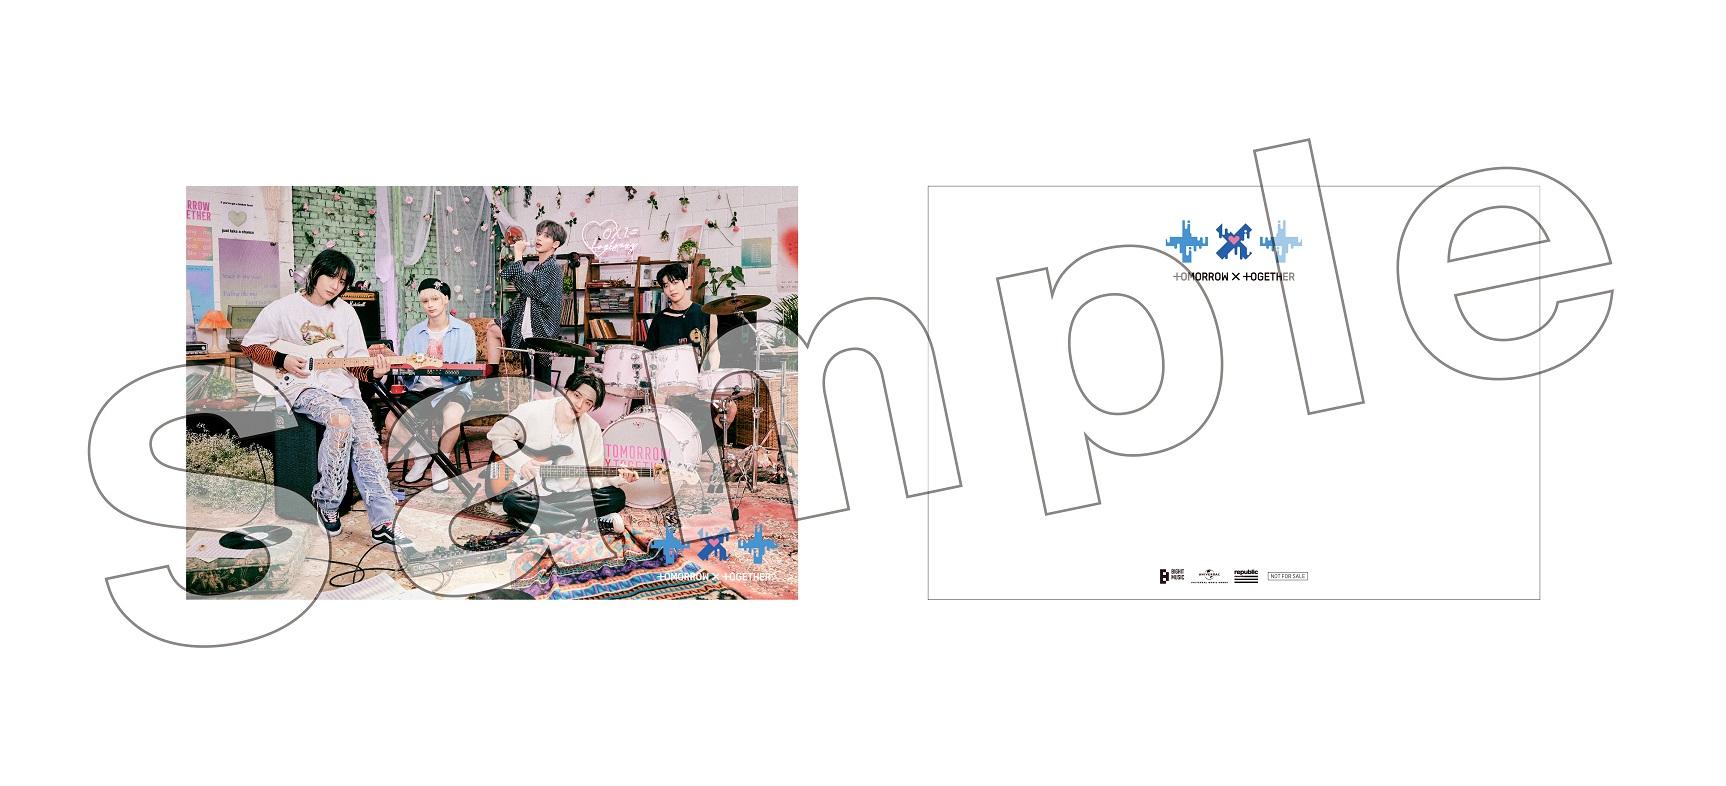 8TXT_ippanpostcard